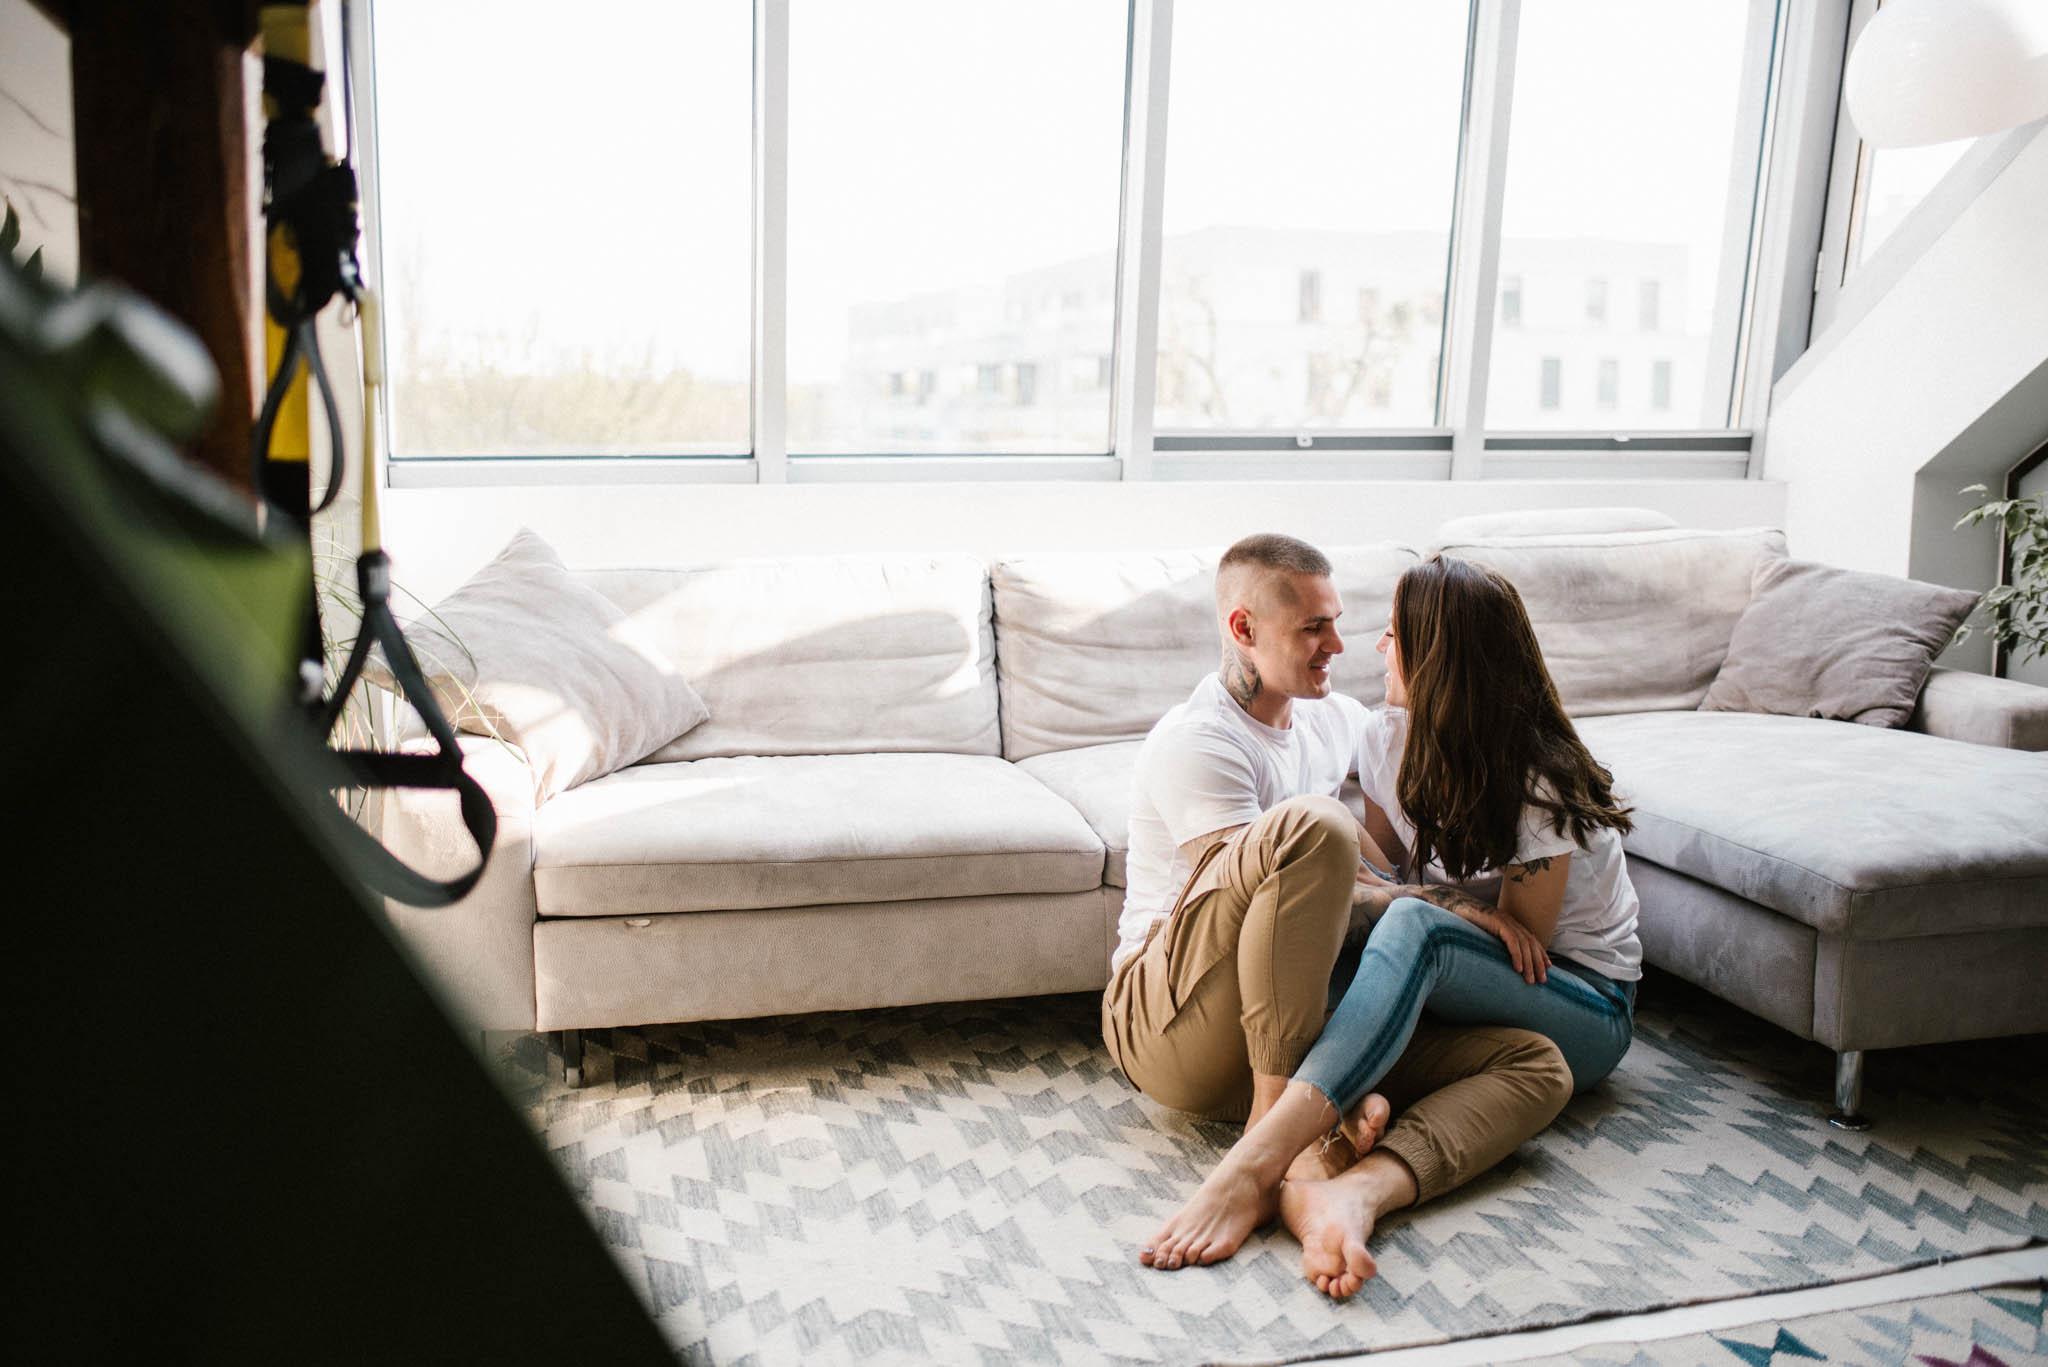 Para przytula się na dywanie - sesja miłosna pary lofestyle w domu Poznań Pani Woźna